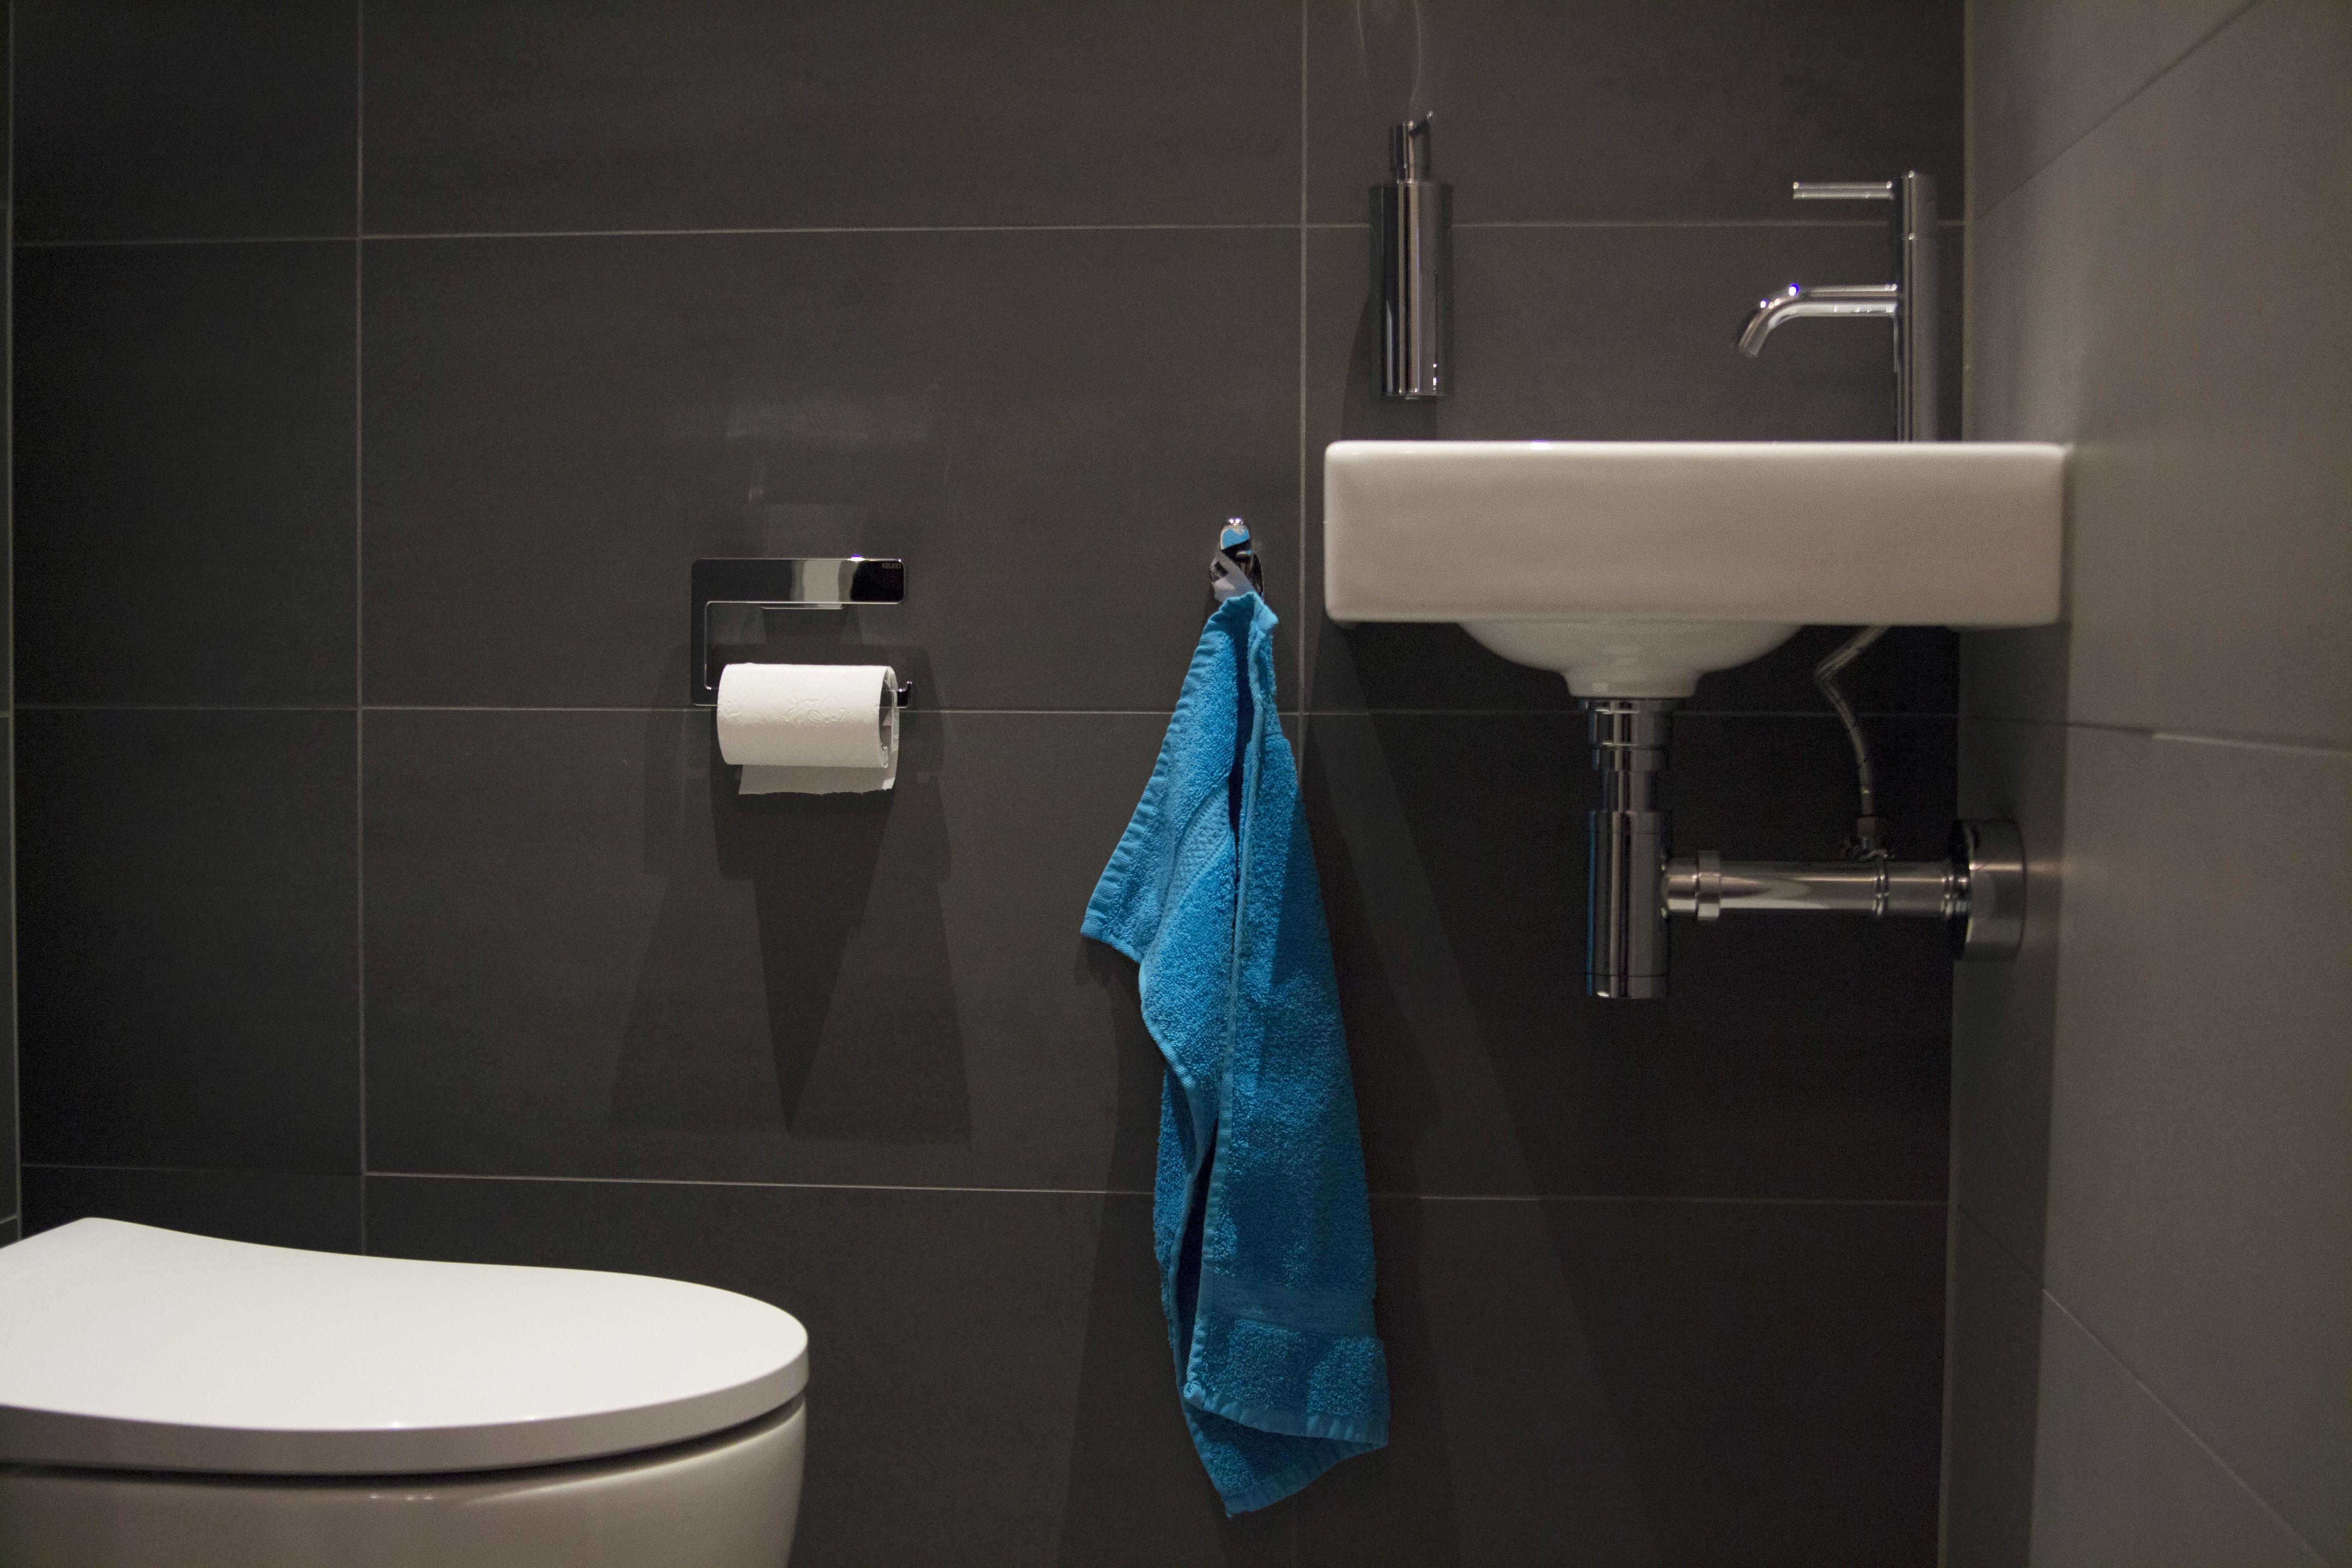 Sphinx Rimfree Toilet : Naar aanleiding van een sanidrõme winactie op facebook heeft